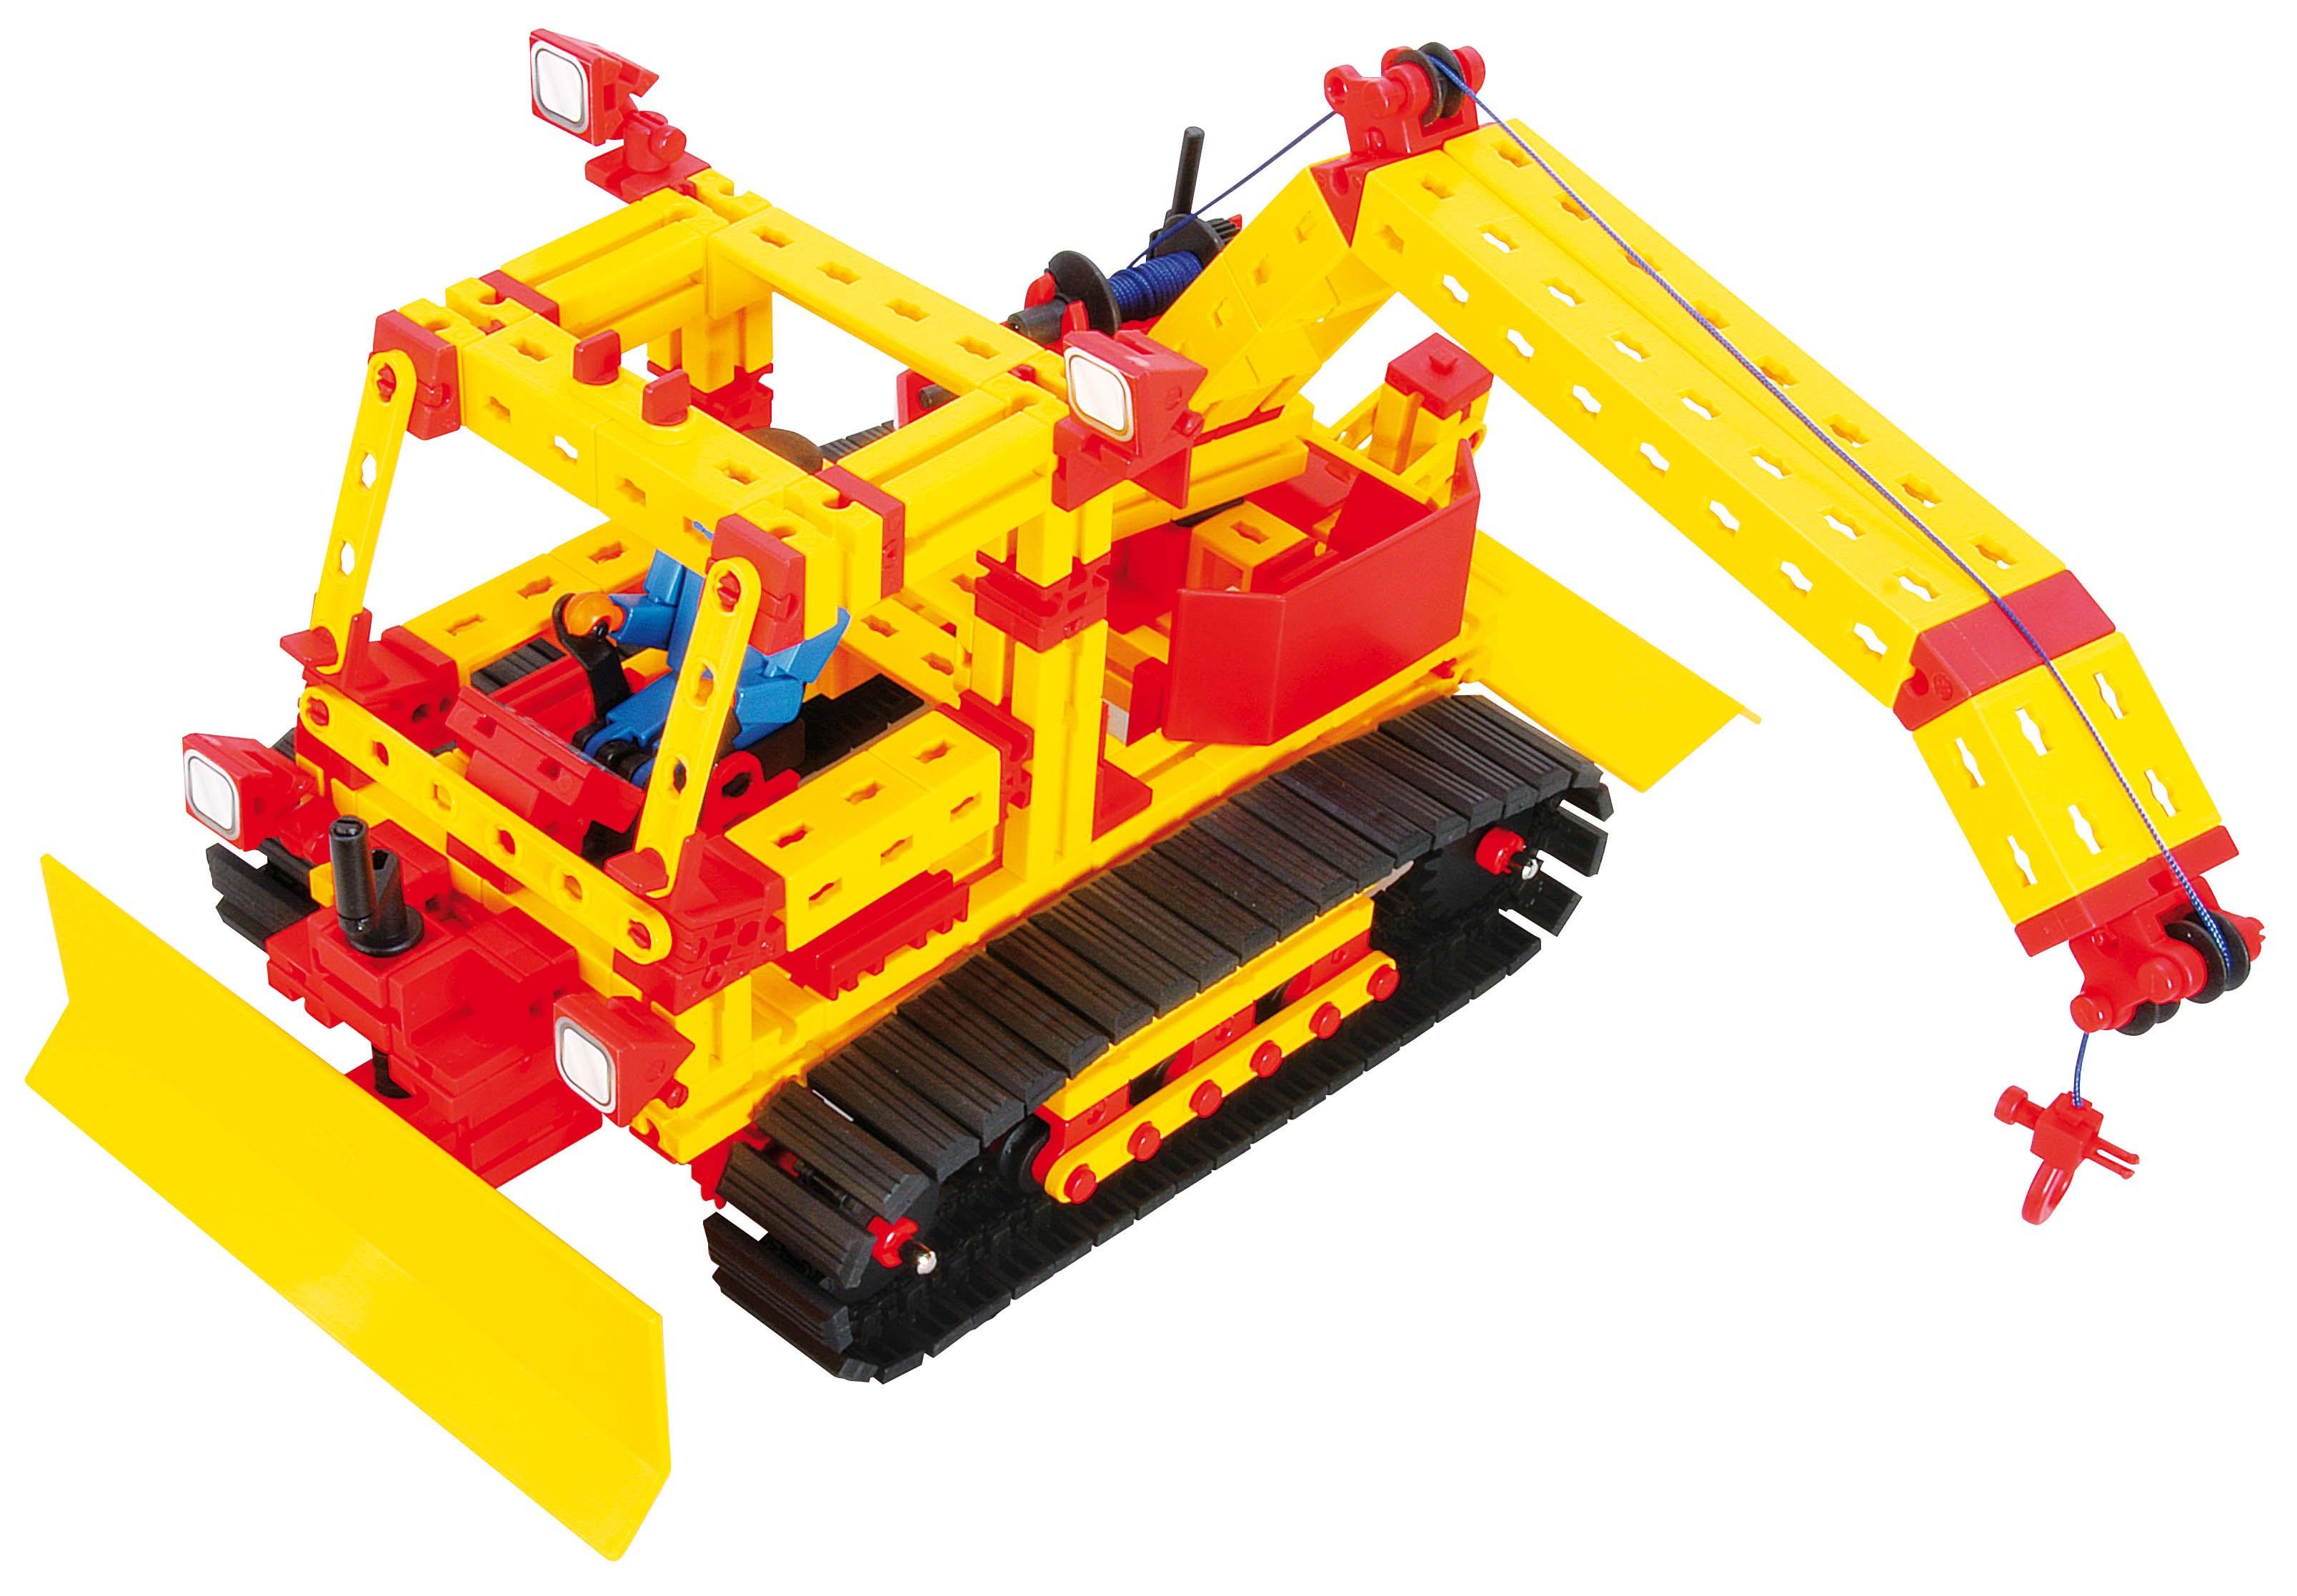 慧鱼fischertechnik拼装积木玩具模型推土机亲子玩具图片